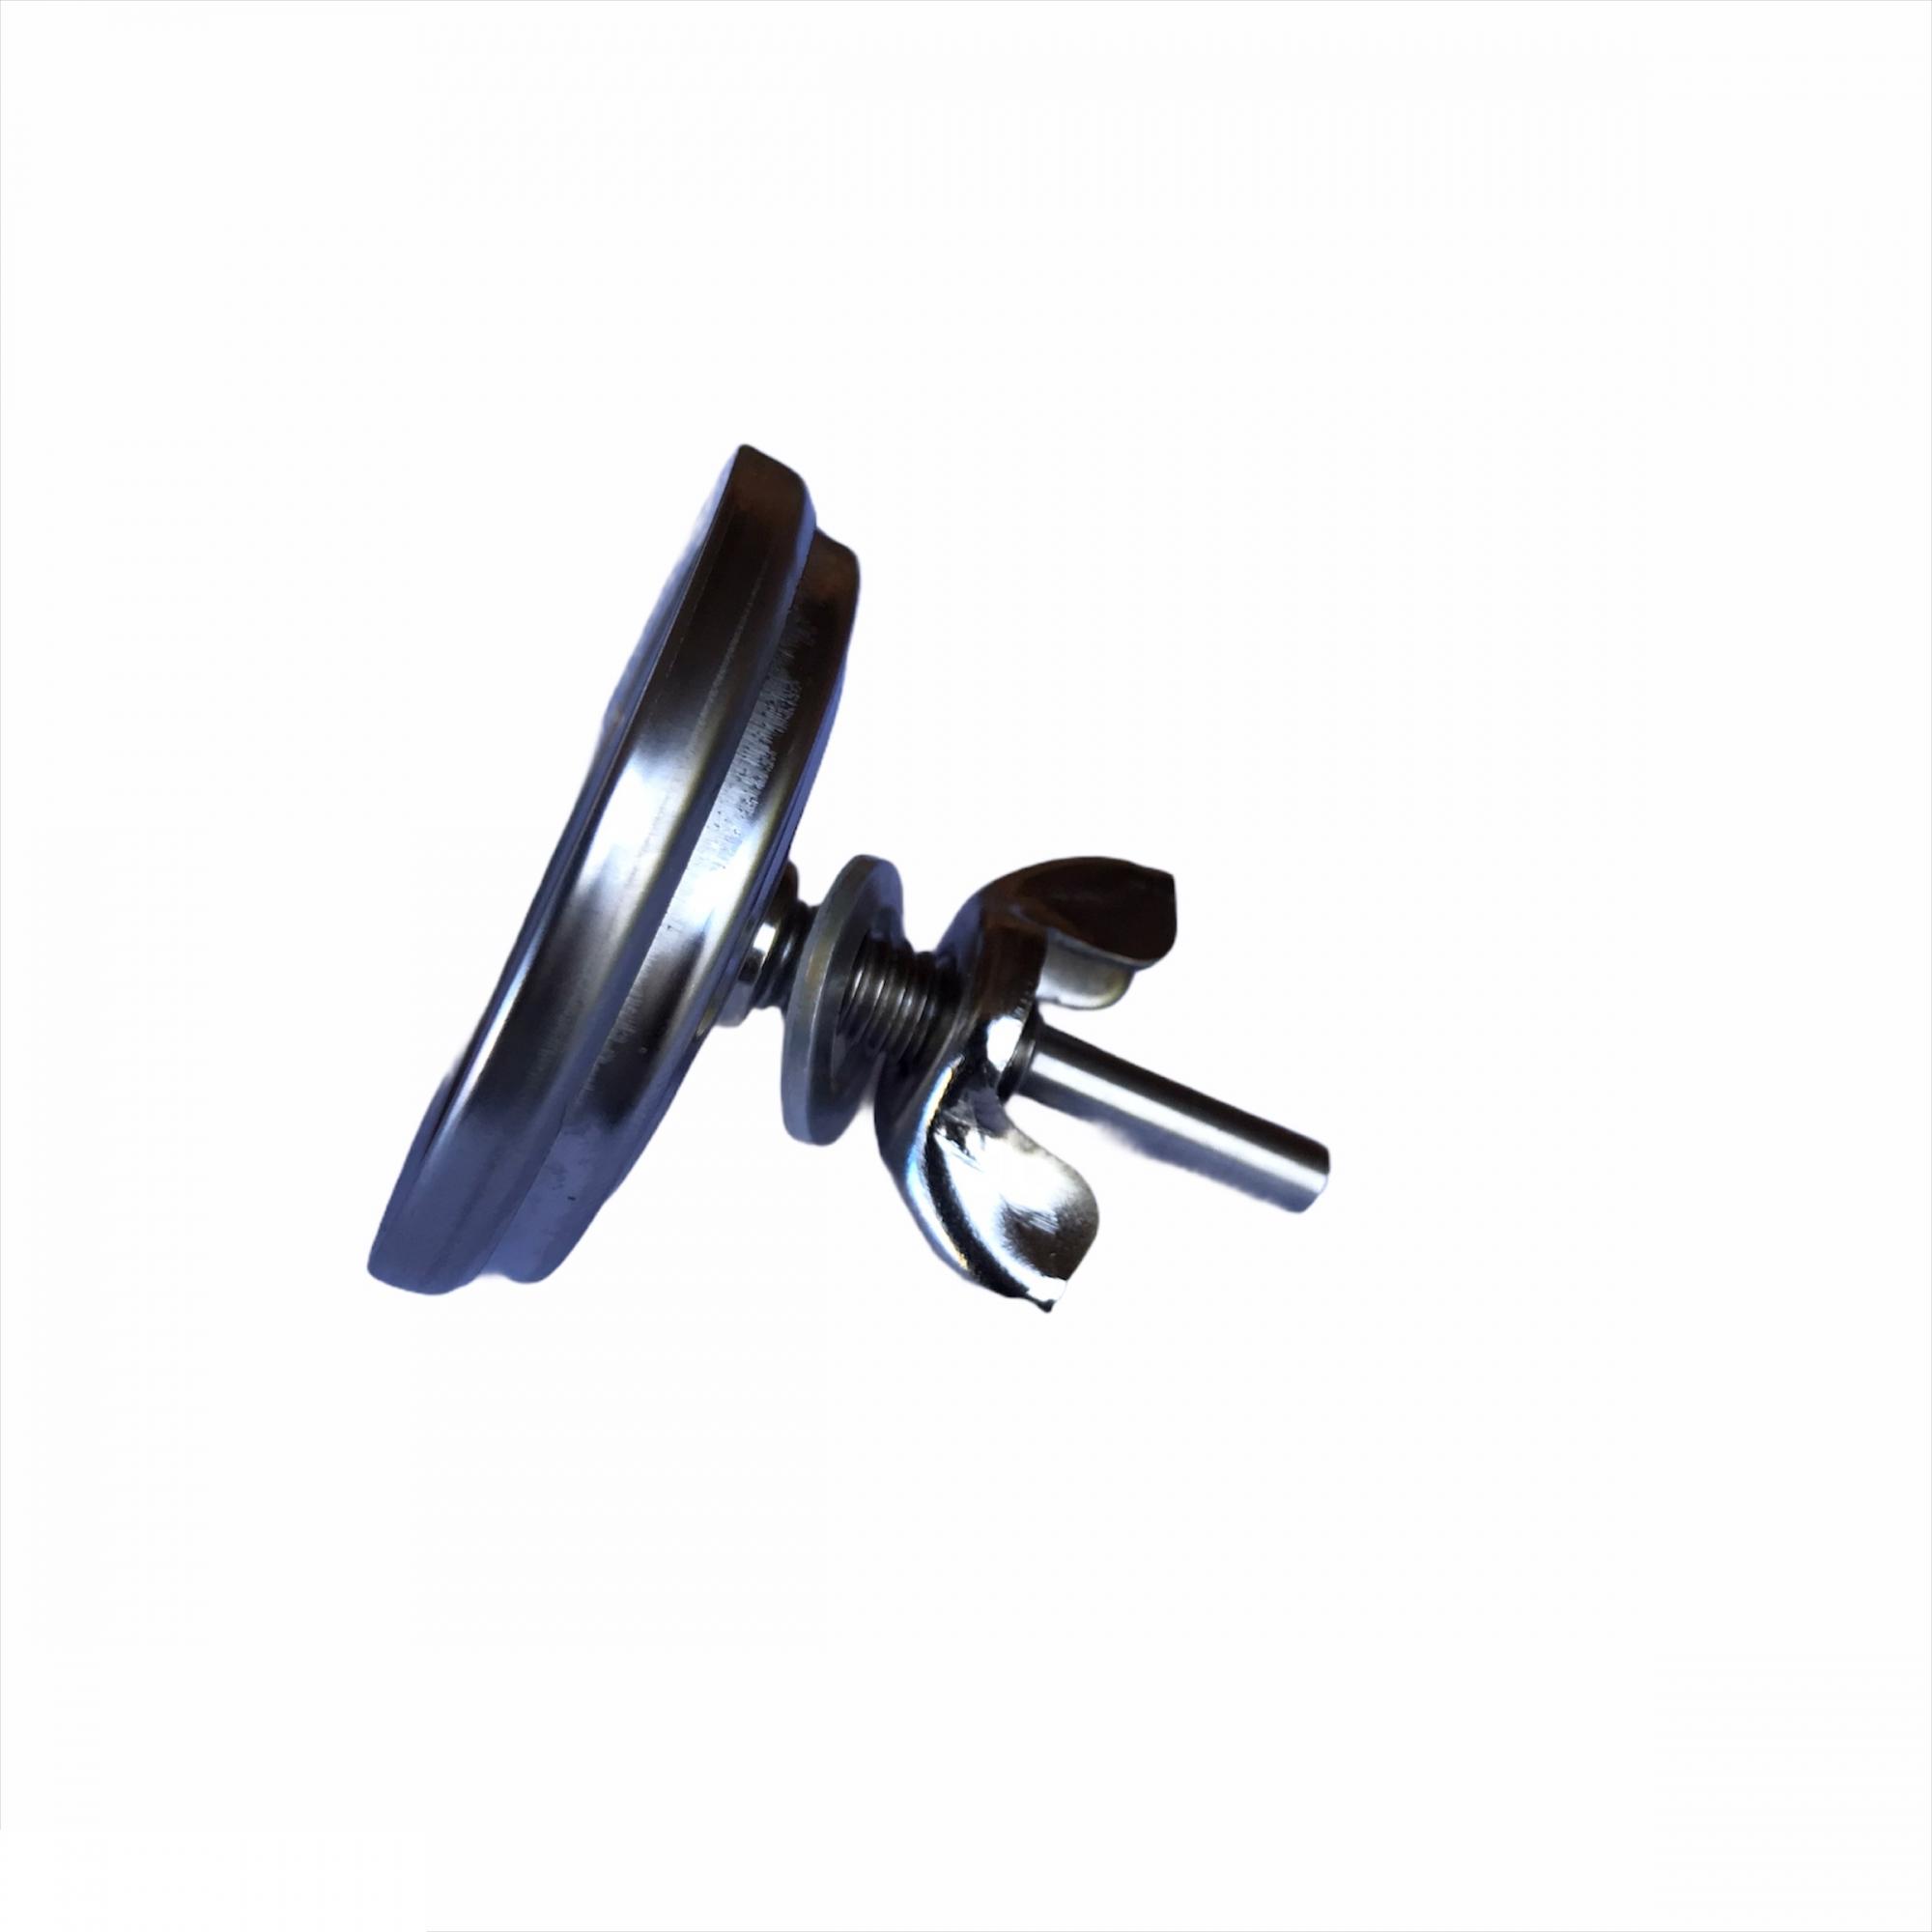 Termômetro Analógico Aço Inox 350°C Haste Curta Preto